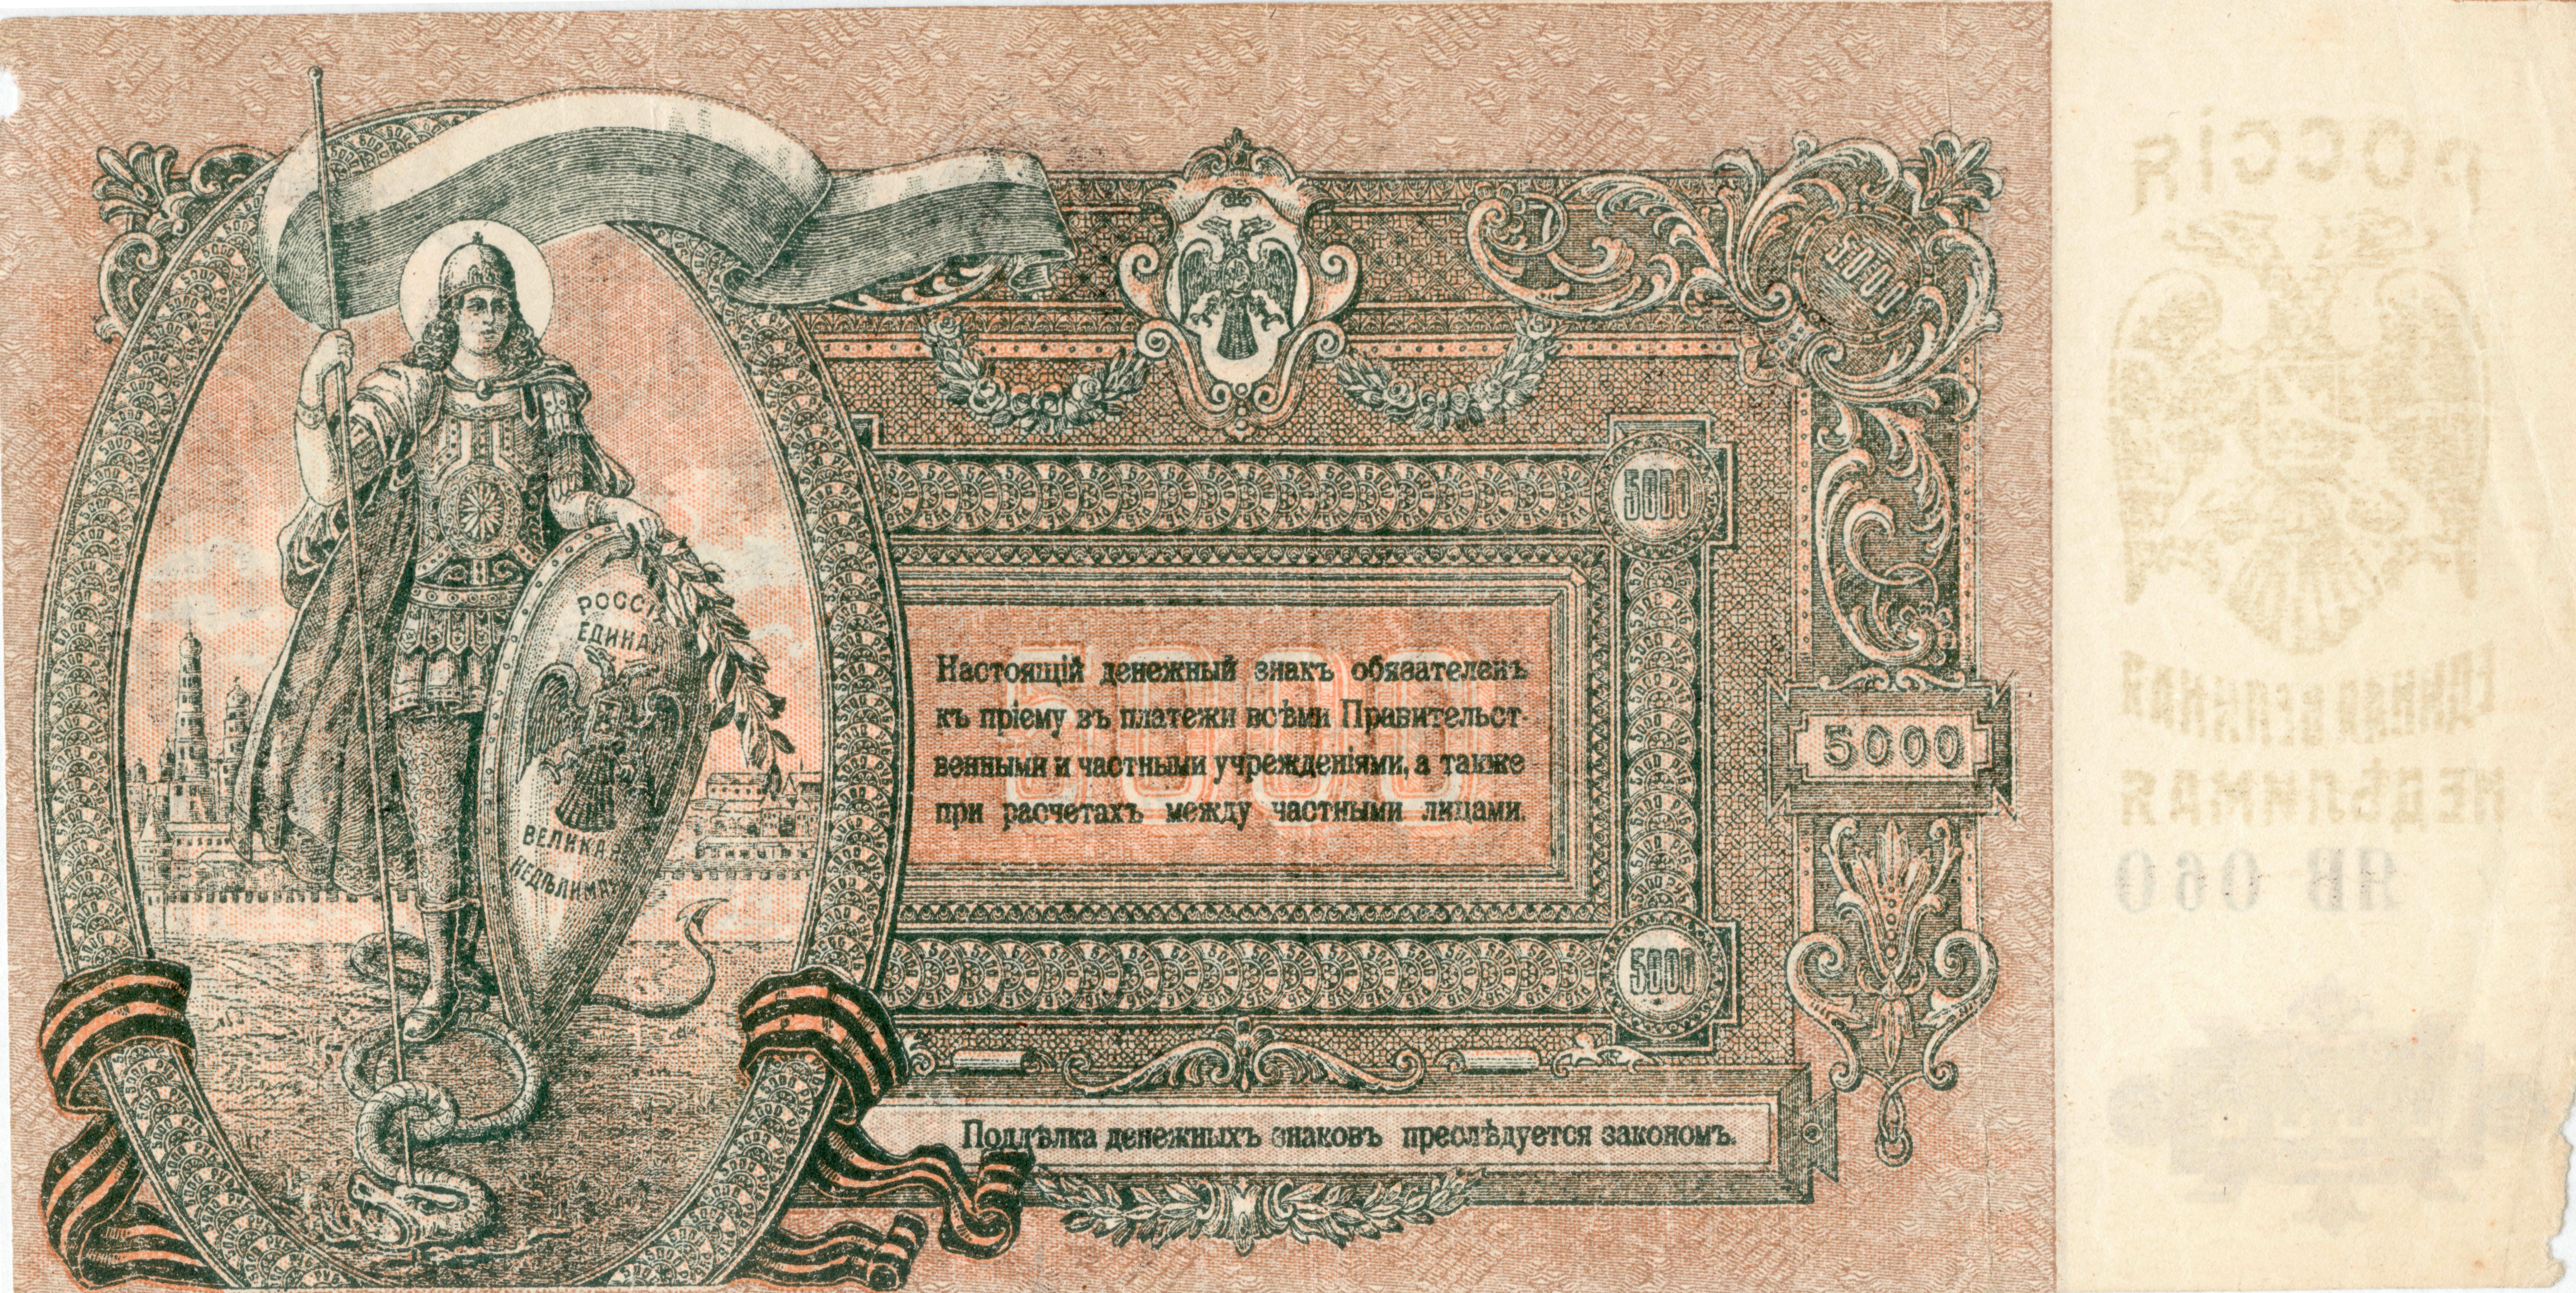 5000 рублей 1919 zoloto inkov